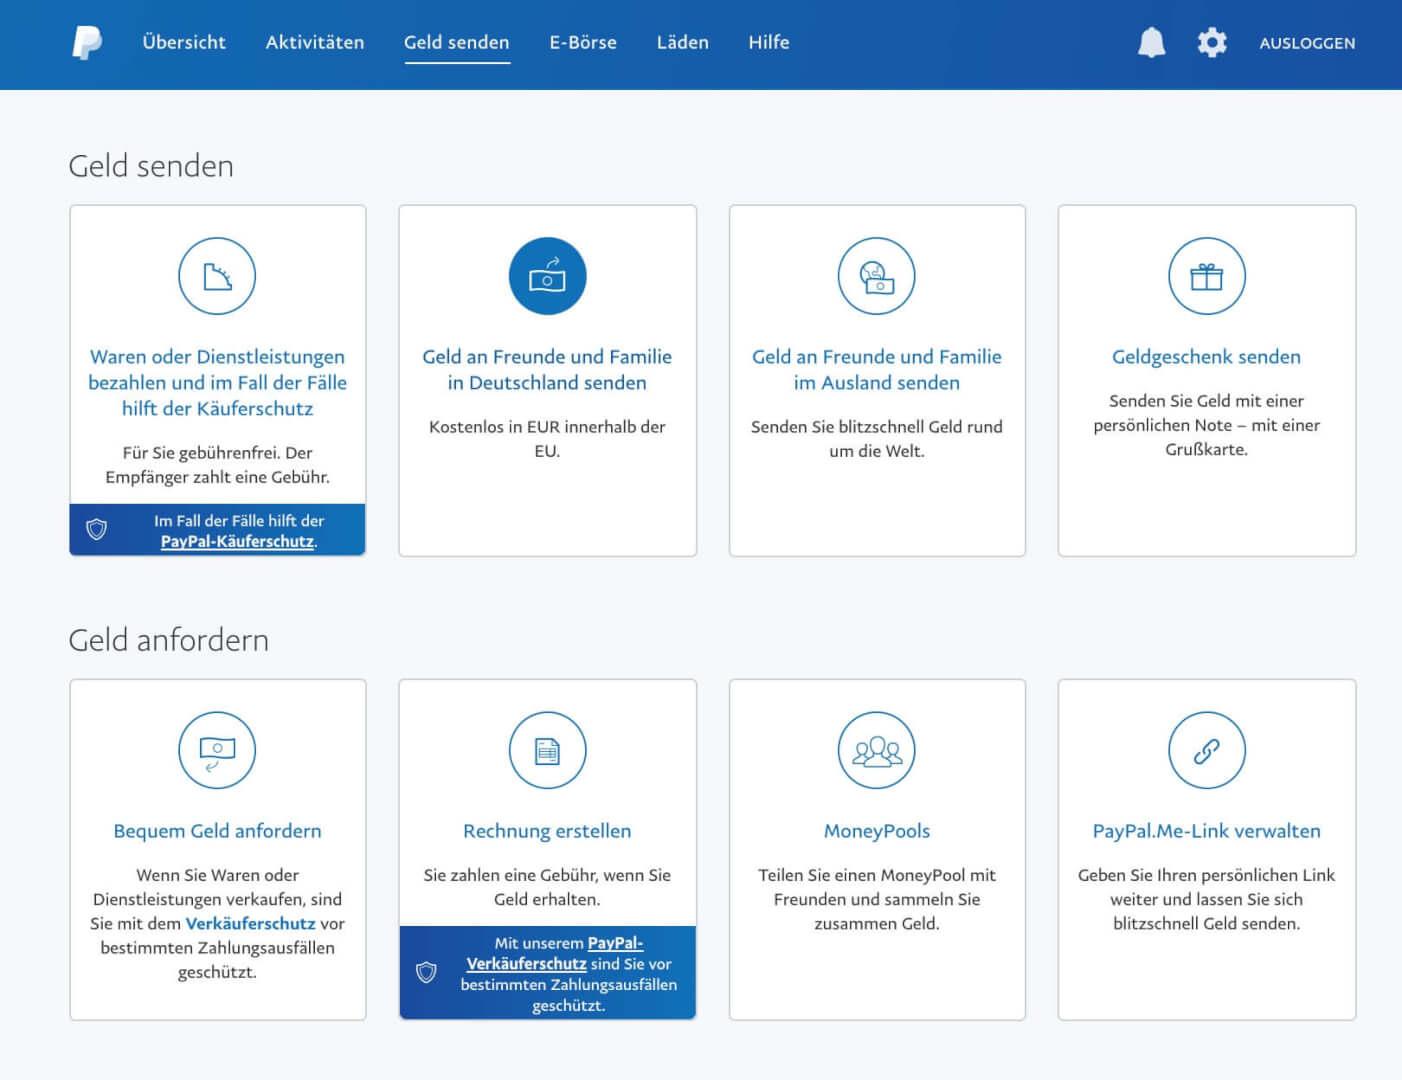 PayPal Geld senden anfordern Funktionen  1